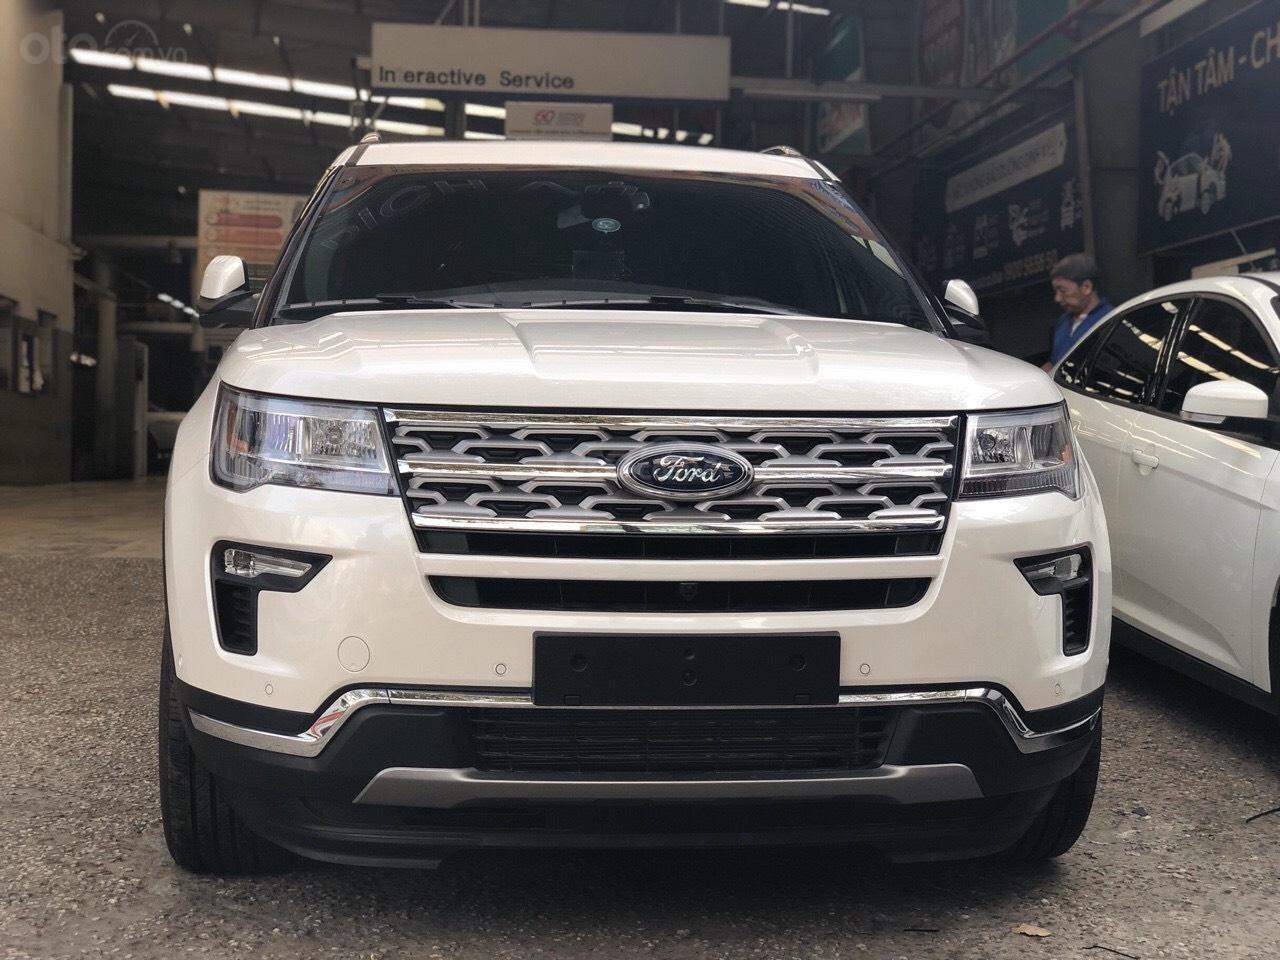 Ford Explorer 2019 nhập khẩu giá sốc ngập tràn ưu đãi, LH: 0908812444 Ms Ngọc Anh (1)